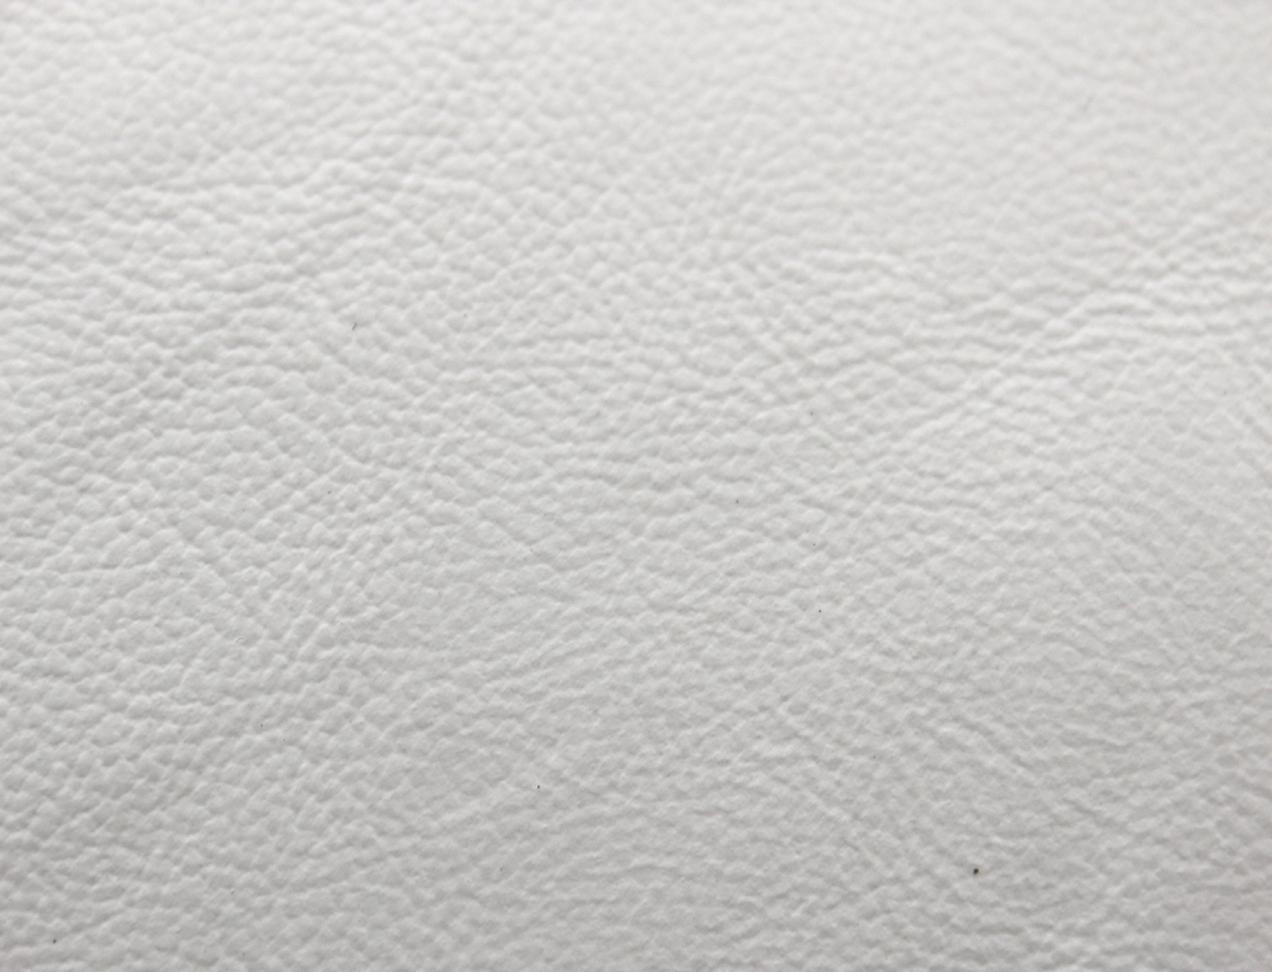 MIURA OUTDOOR/INDOOR White